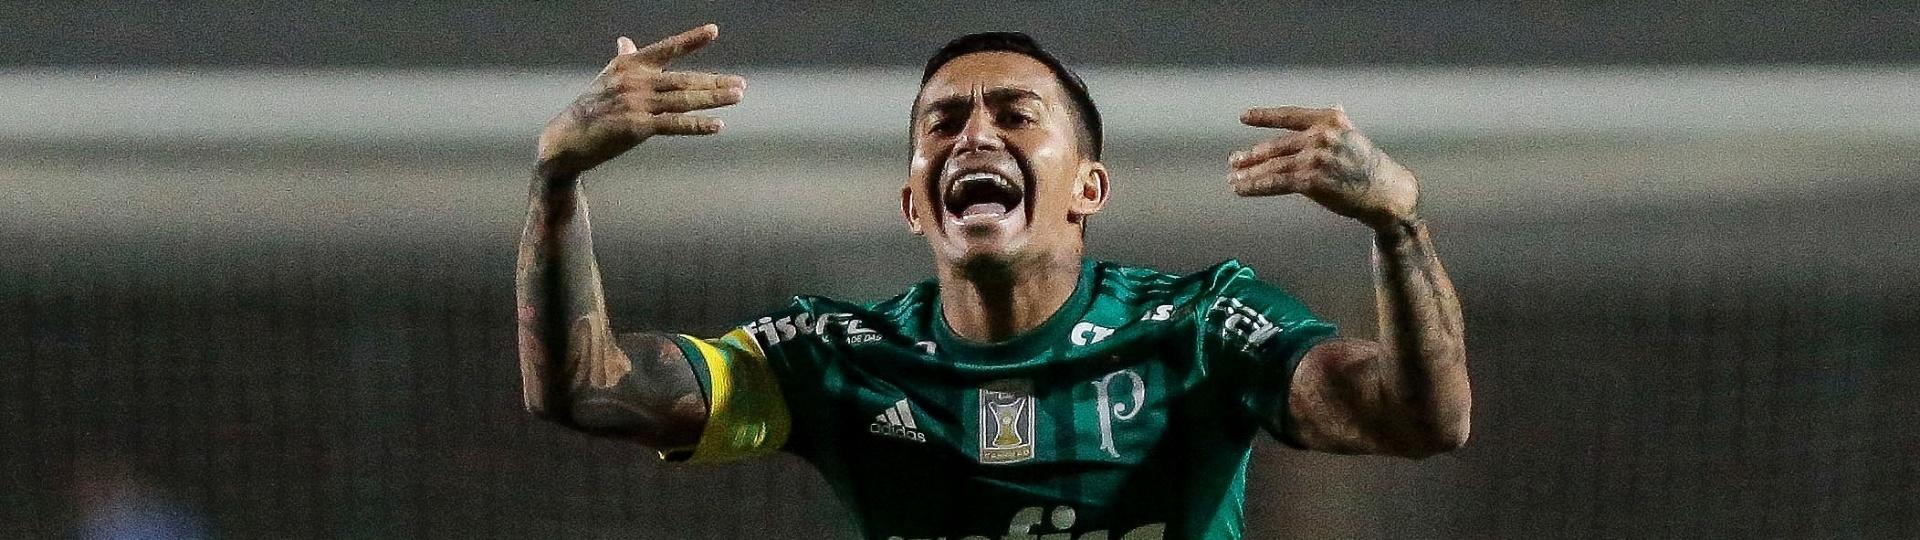 Dudu gesticula durante a partida entre Palmeiras e Ponte Preta